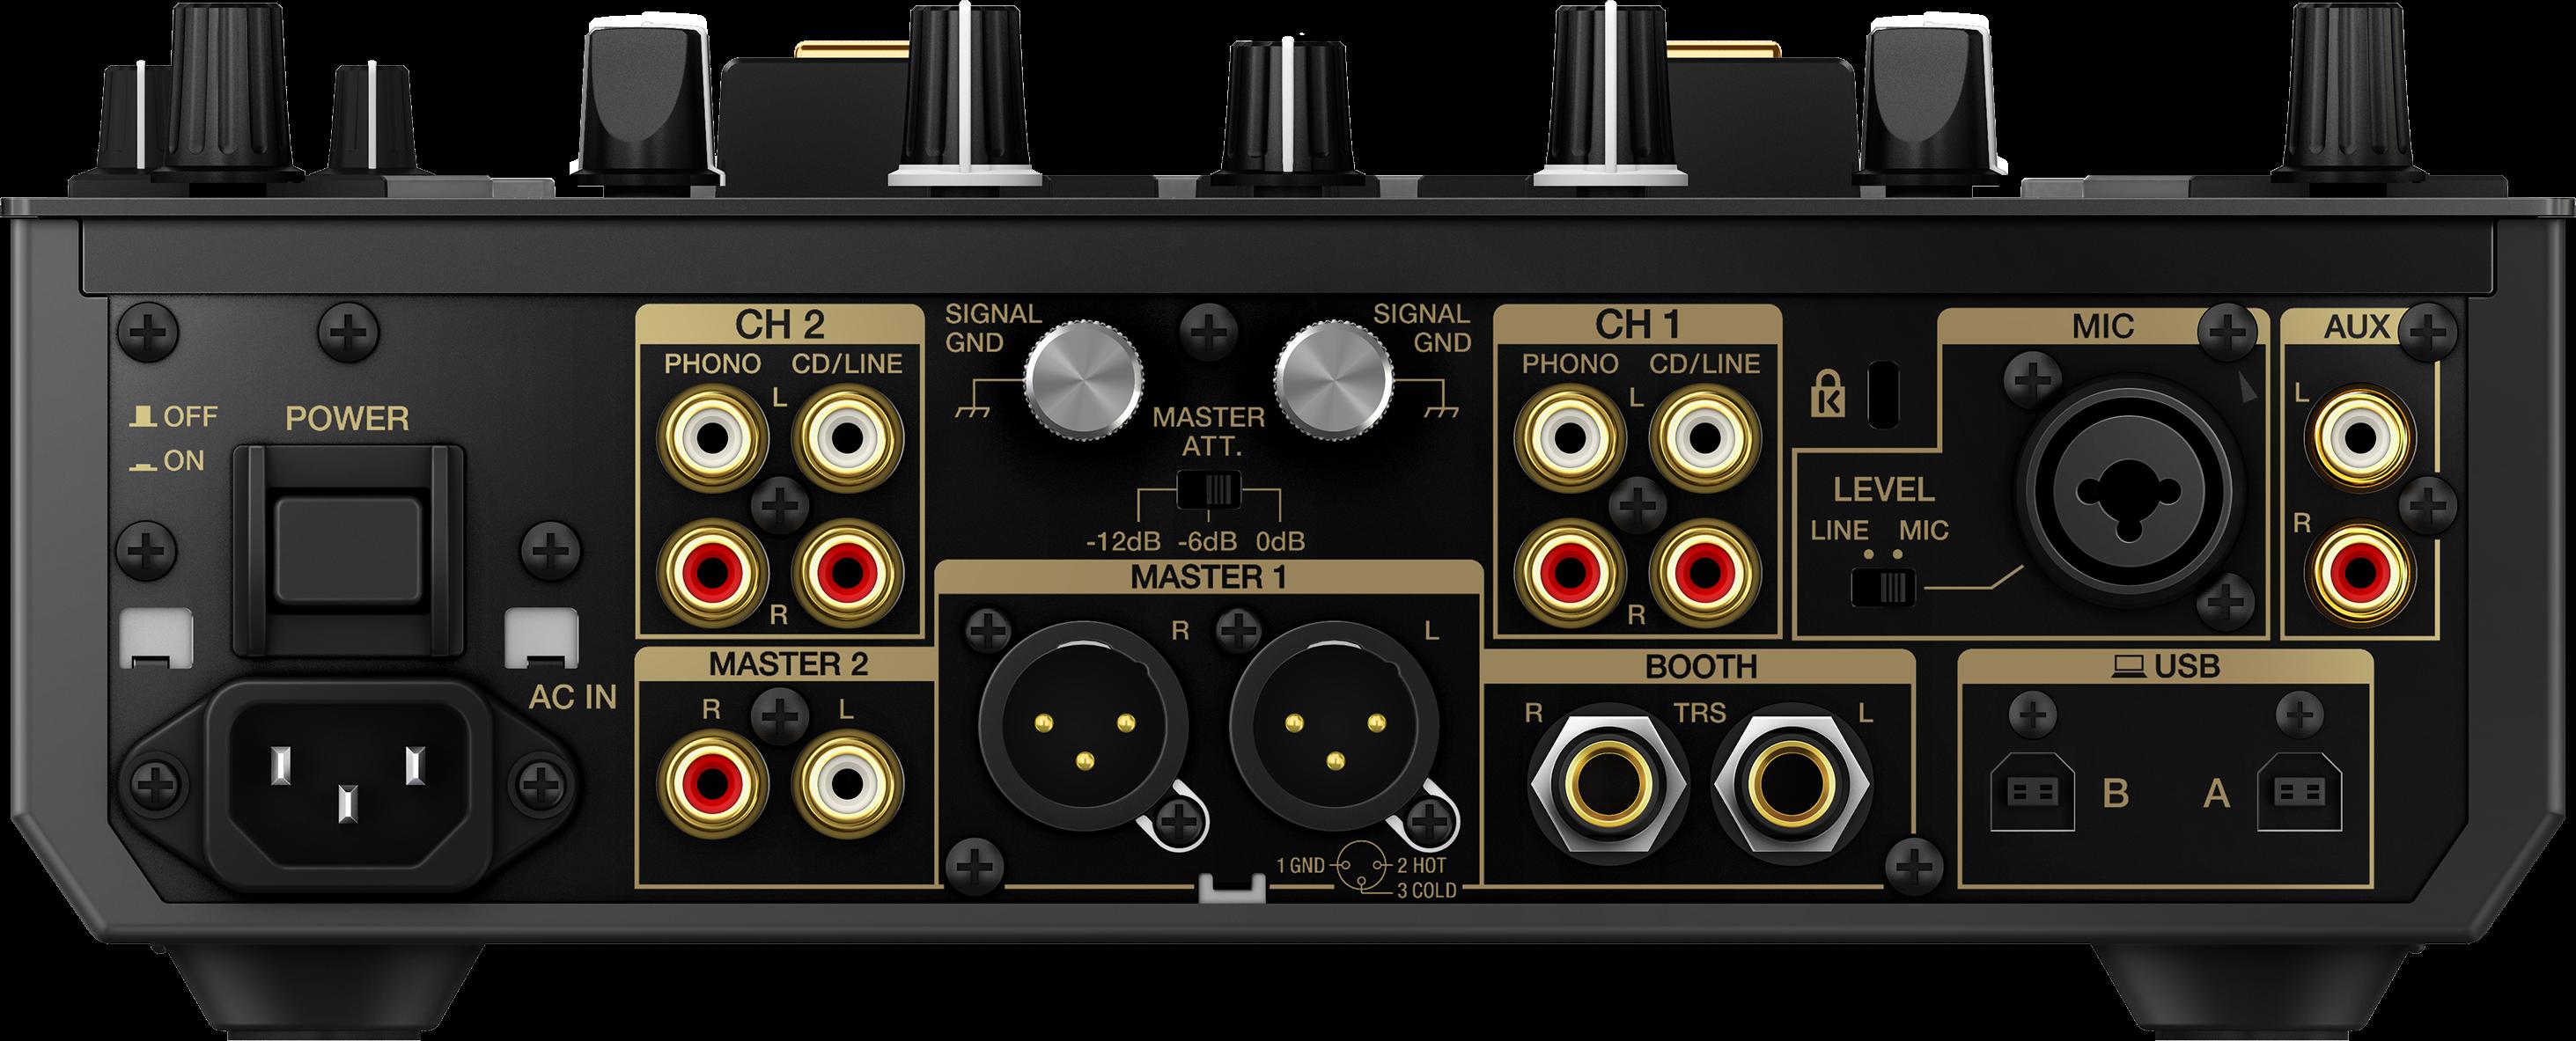 DJM-S9-N rear